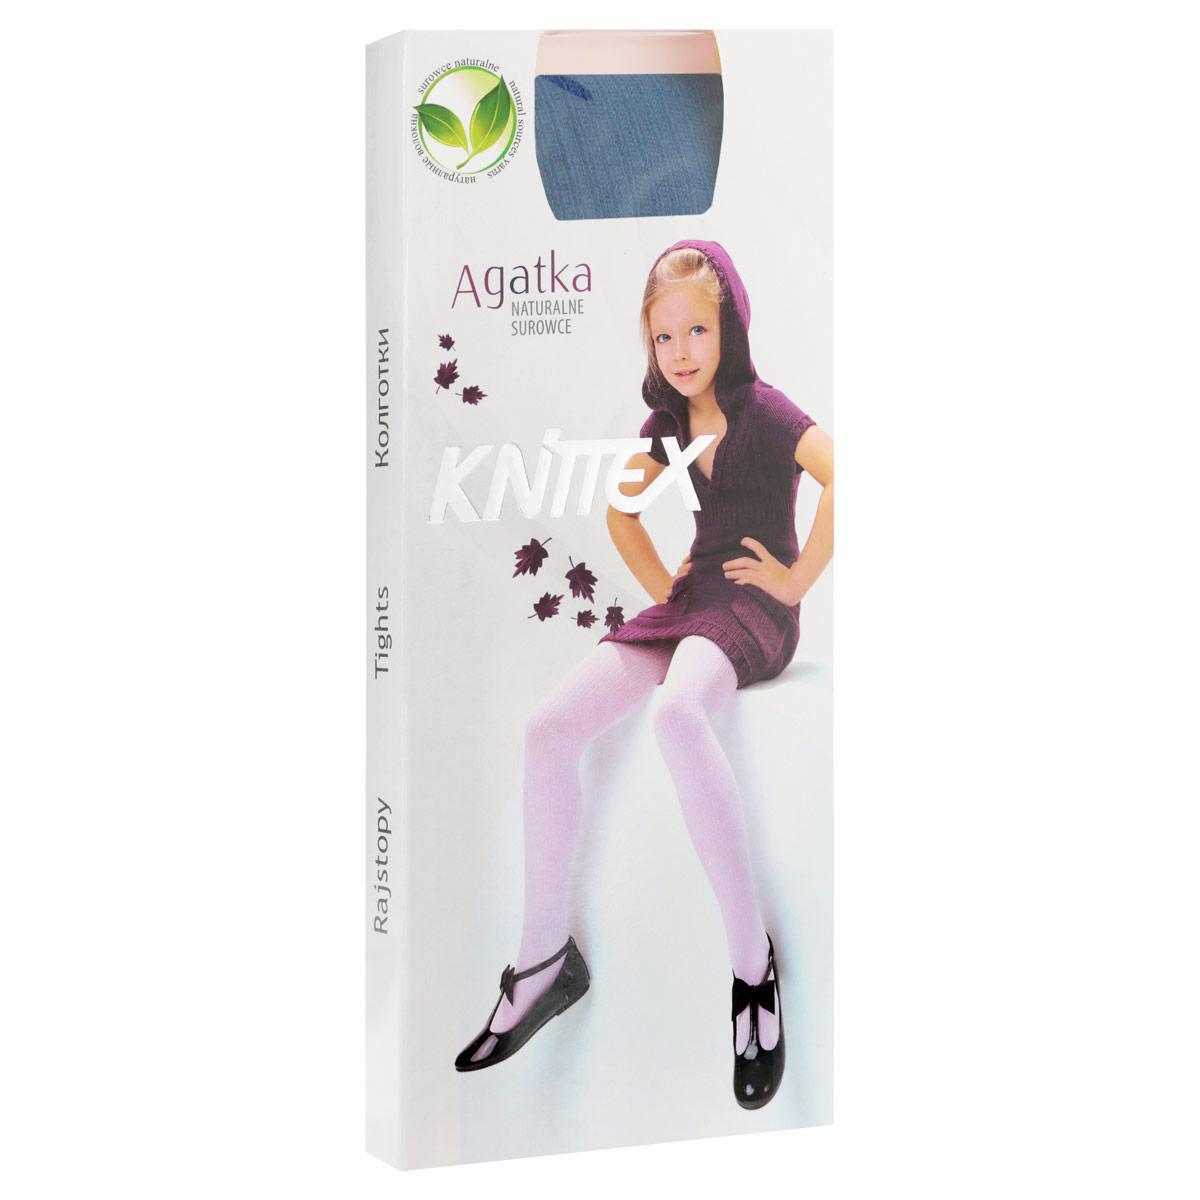 Колготки для девочки AgatkaRDZAGATKA_1Классические детские колготки Knittex Agatka изготовлены специально для девочек. Плотные колготки с продольным рельефным узором в виде мелкого рубчика имеют широкую резинку и комфортные плоские швы. Теплые и прочные, эти колготки равномерно облегают ножки, не сдавливая и не доставляя дискомфорта. Эластичные швы и мягкая резинка на поясе не позволят колготам сползать и при этом не будут стеснять движений. Входящие в состав ткани полиамид и эластан предотвращают растяжение и деформацию после стирки. Однотонная расцветка позволит сочетать эти колготки с любыми нарядами маленькой модницы. Классические колготки - это идеальное решение на каждый день для прогулки, школы, яслей или садика. Такие колготки станут великолепным дополнением к гардеробу вашей красавицы.